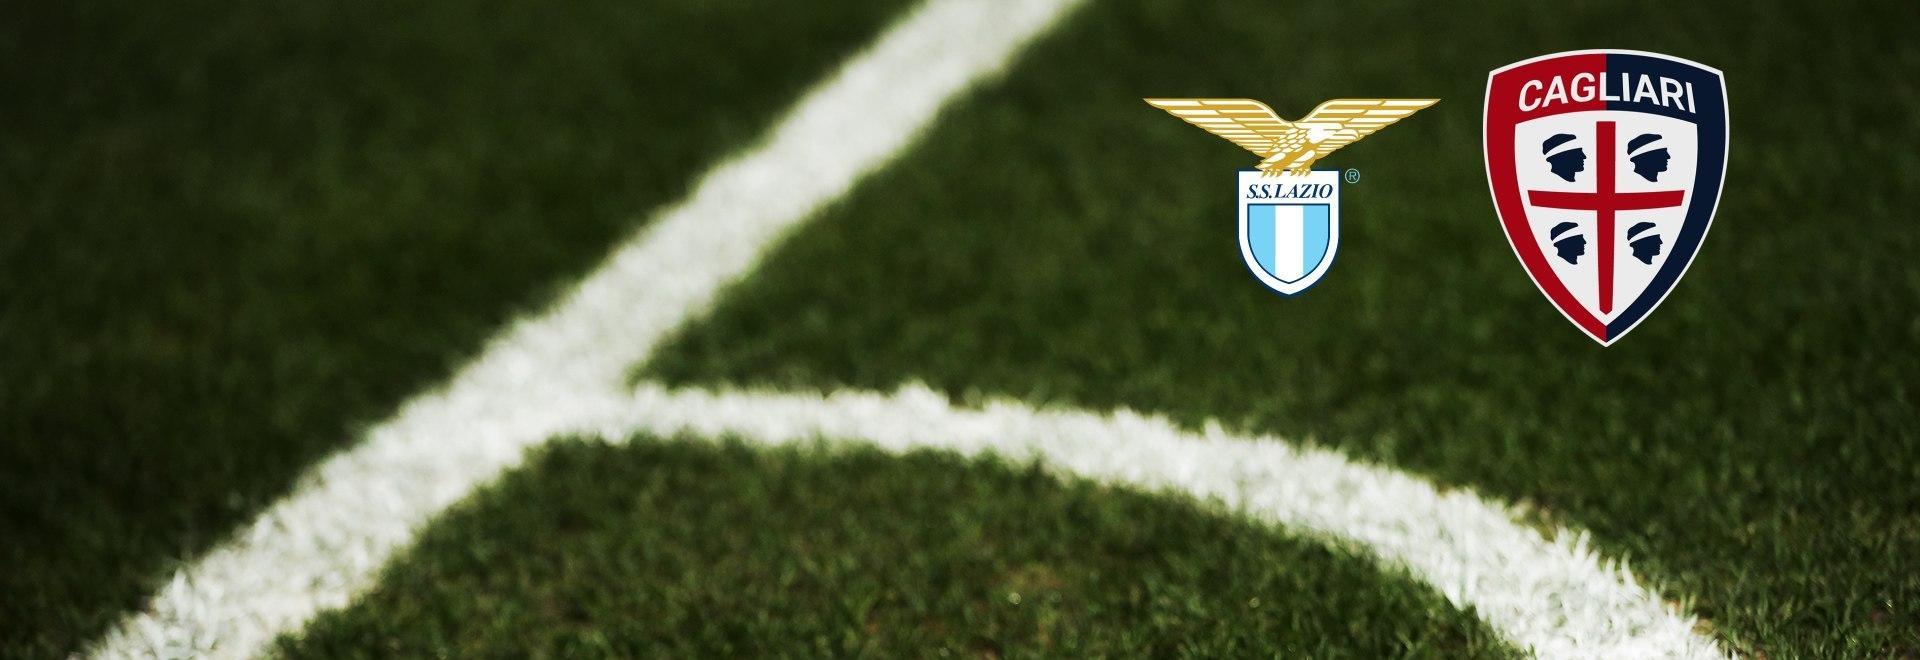 Lazio - Cagliari. 35a g.